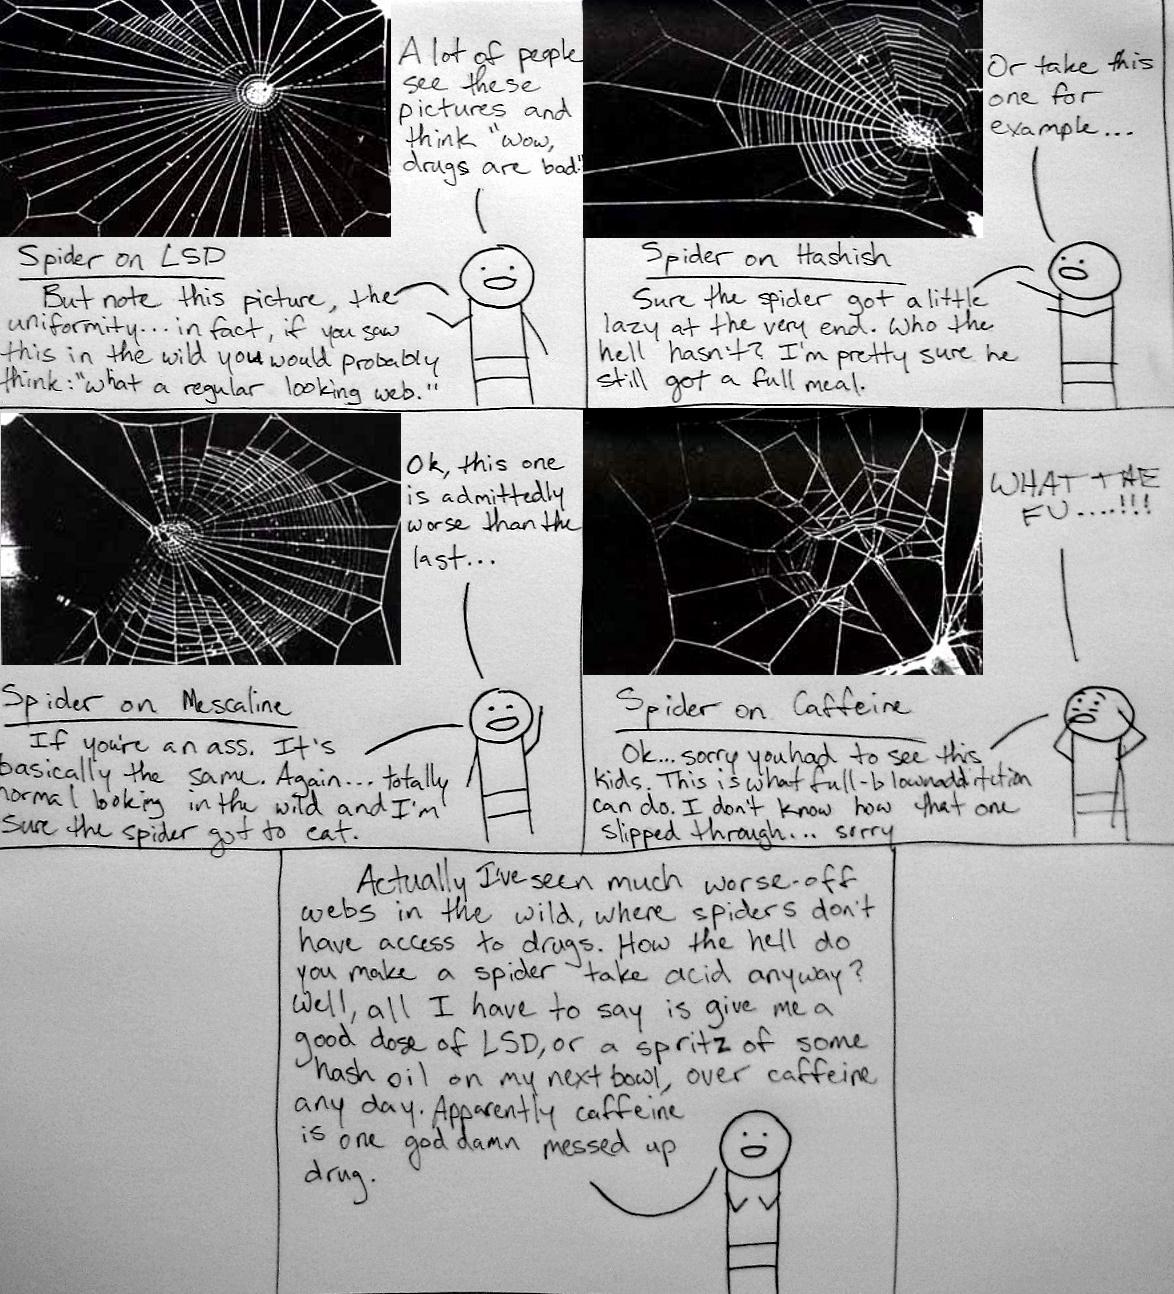 Spiders like drugs too